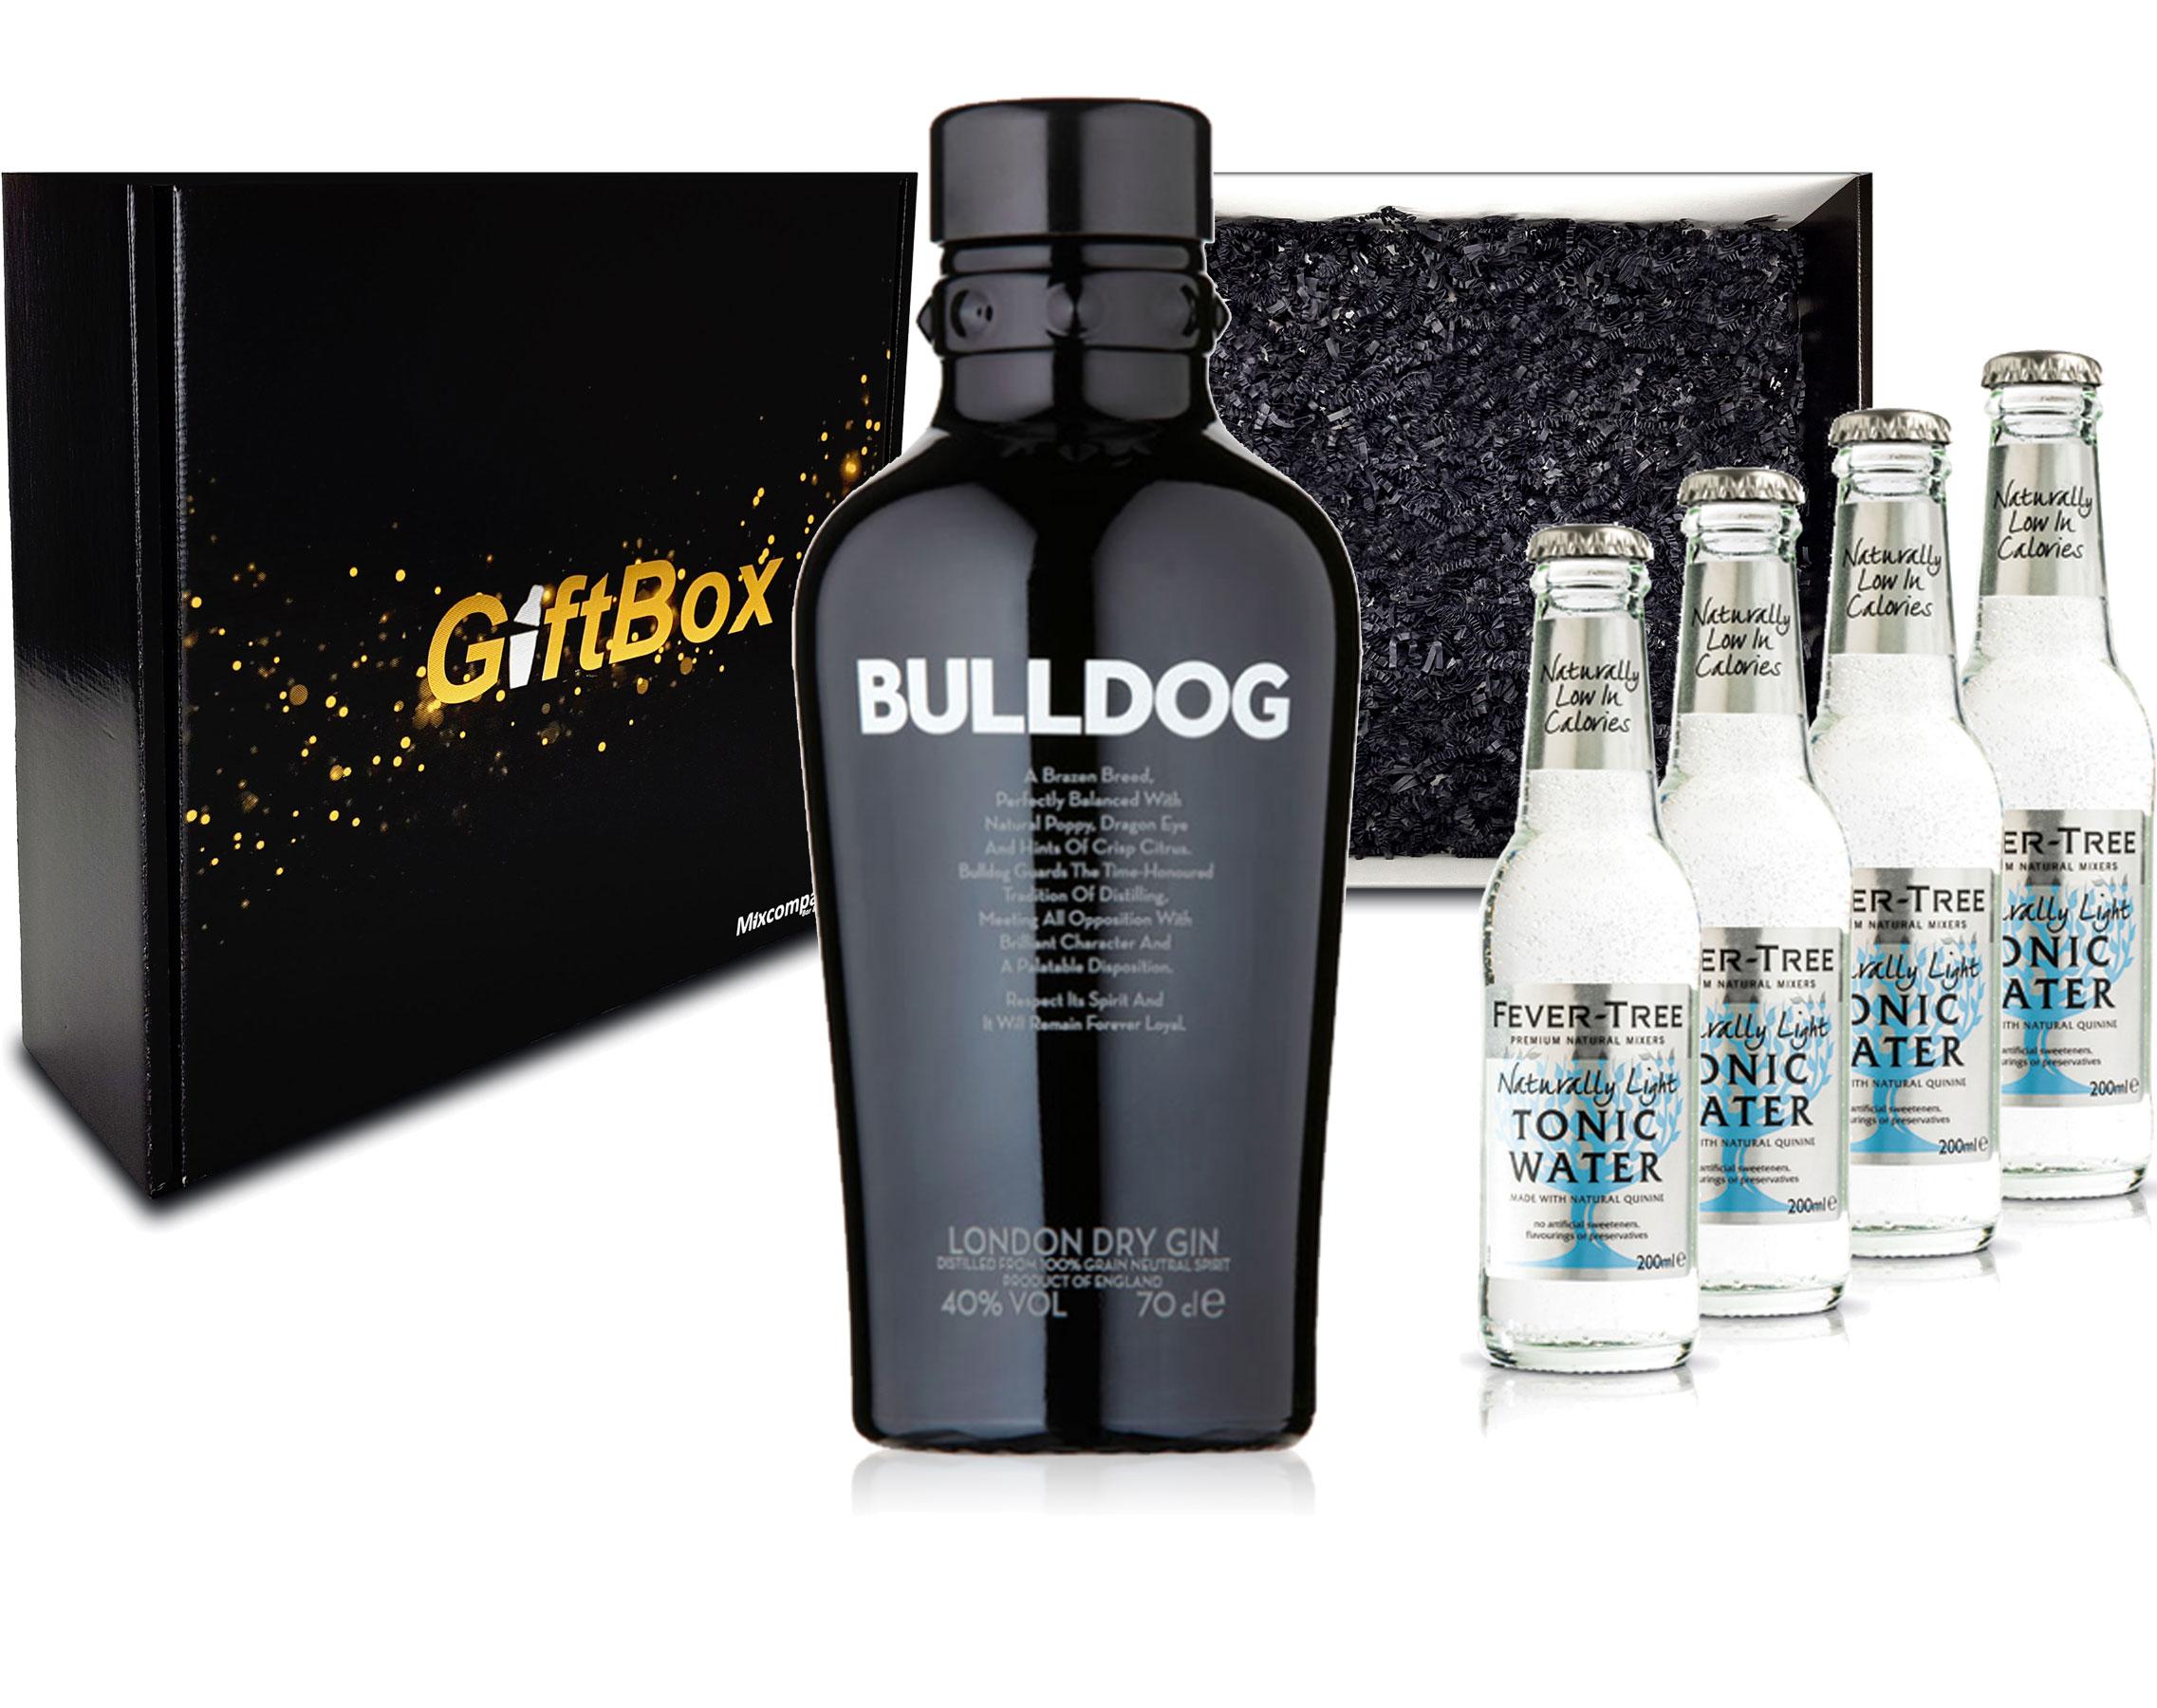 Gin Tonic Giftbox Geschenkset - Bulldog Gin 0,7l 700ml (40% Vol) + 4x Fever Tree Naturally Light Tonic Water 200ml inkl. Pfand MEHRWEG + Geschenkverpackung